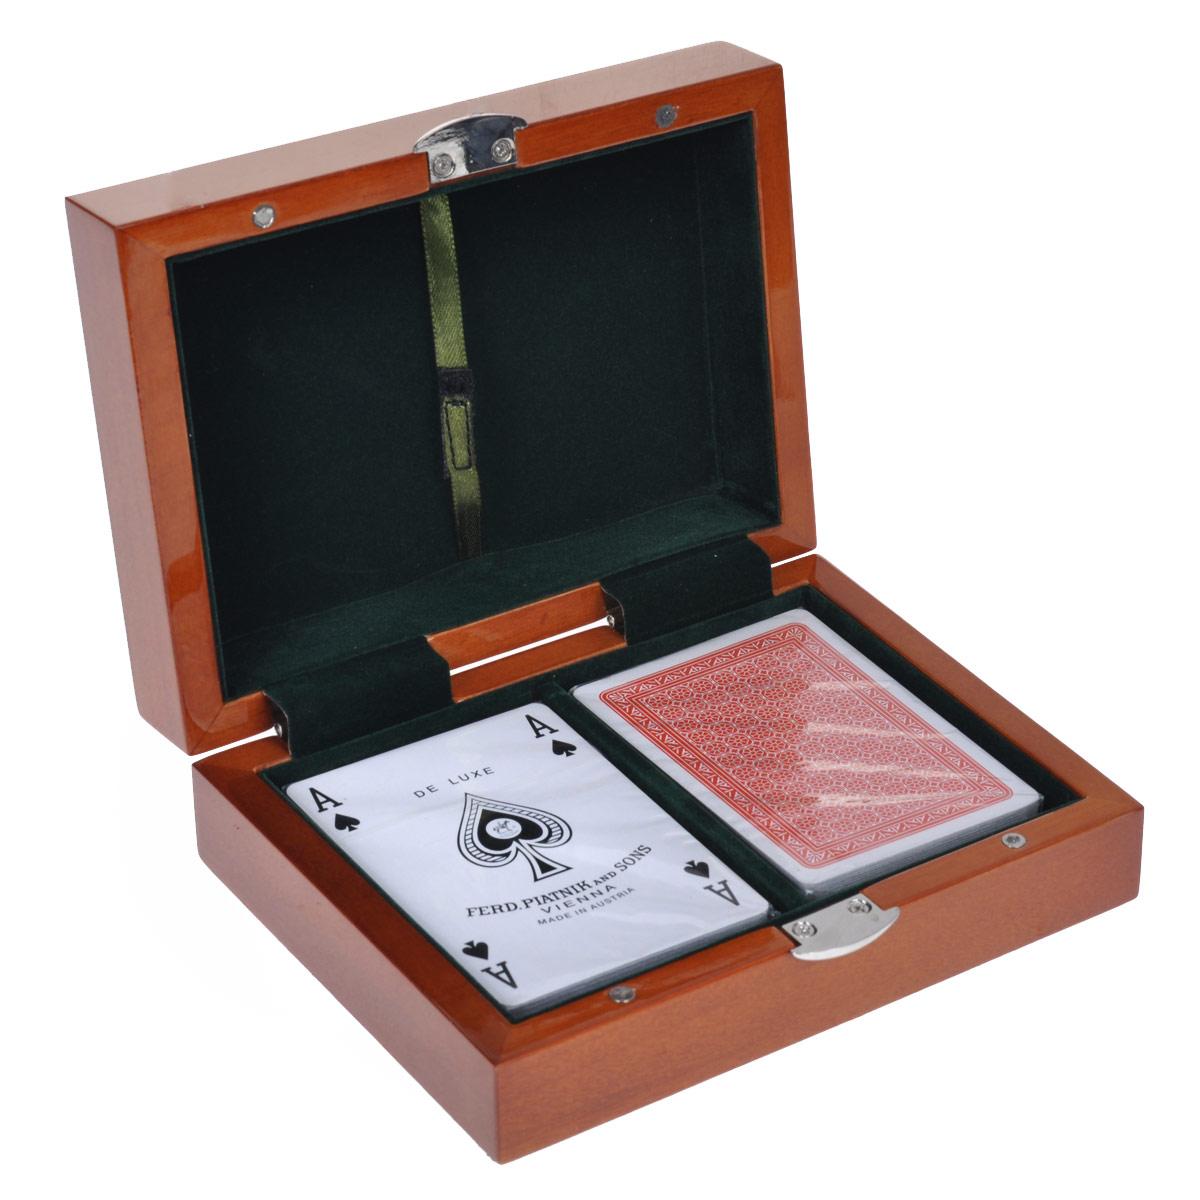 Набор игральных карт Piatnik Luxury, 2 колоды. 28042804Подарочный набор Piatnik Luxury включает две колоды карт с синими и красными рубашками. Карты имеют специальное пластиковое покрытие. Набор упакован в изящную деревянную шкатулку, покрытую слоем лака. Внутренняя поверхность шкатулки отделана изысканной бархатистой тканью зеленого цвета. Такой набор станет отличным подарком для любителей карточных игр.